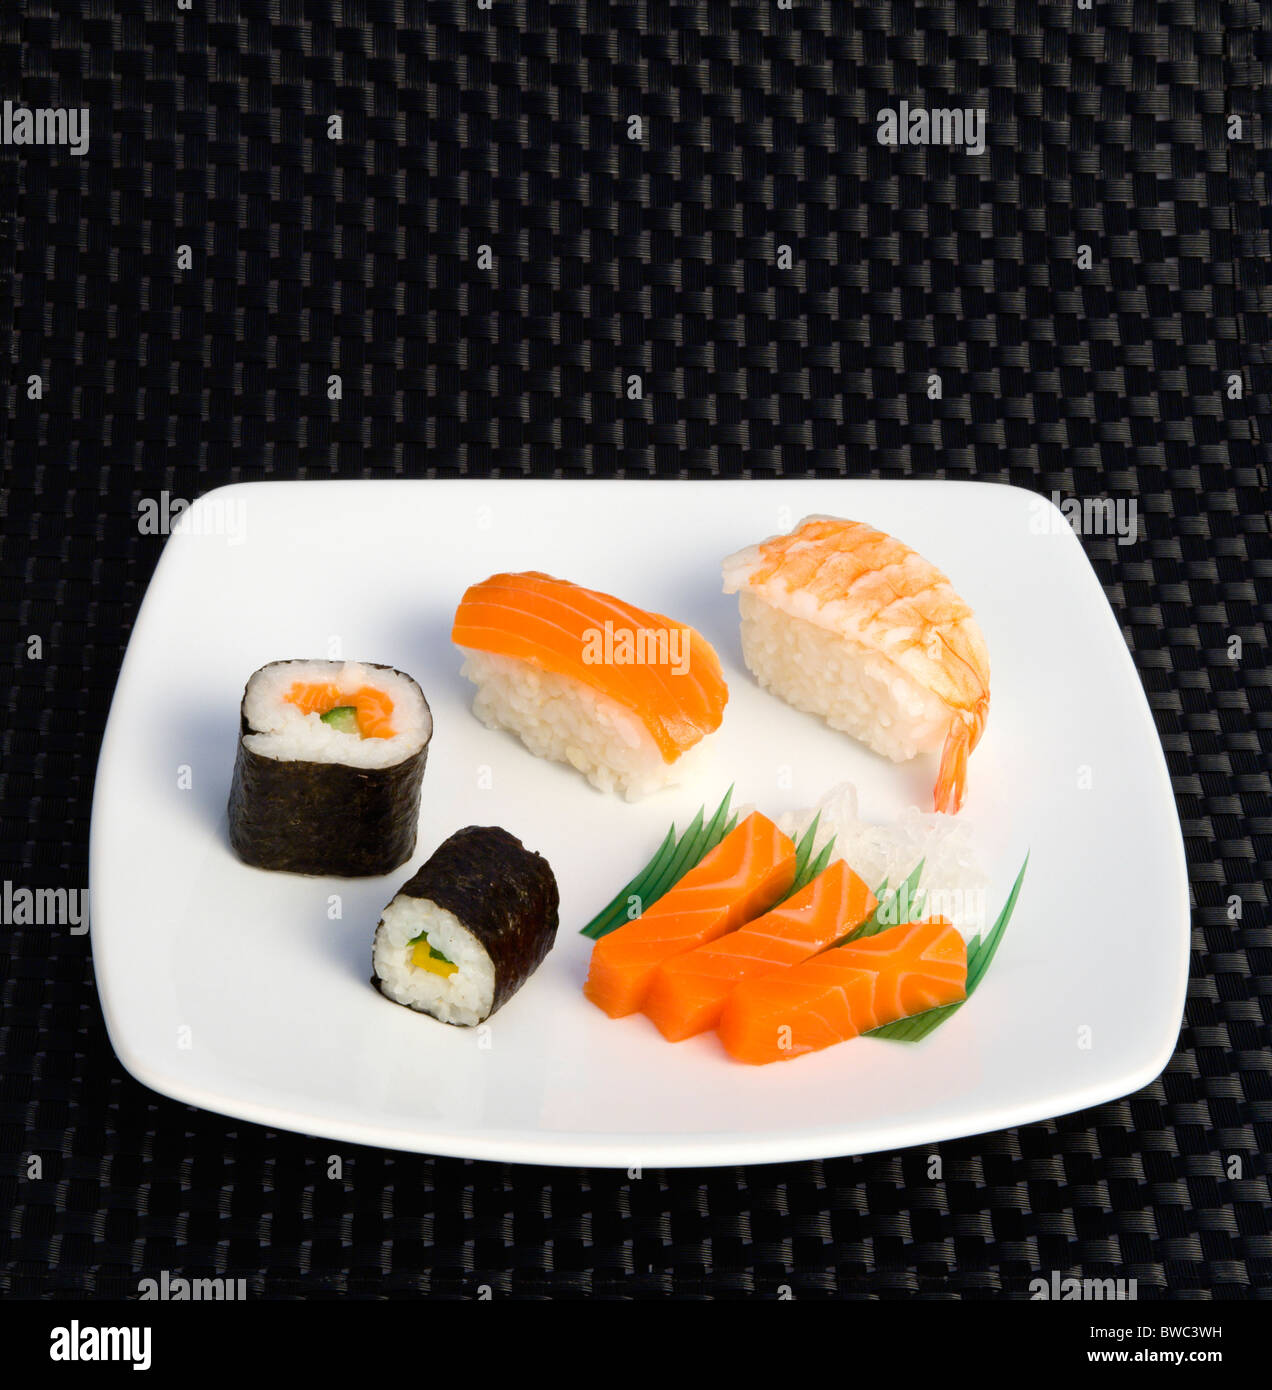 Comida, sushi, comida, plato de sushi con Arroz envuelto en algas y selección de mariscos y pescados. Imagen De Stock